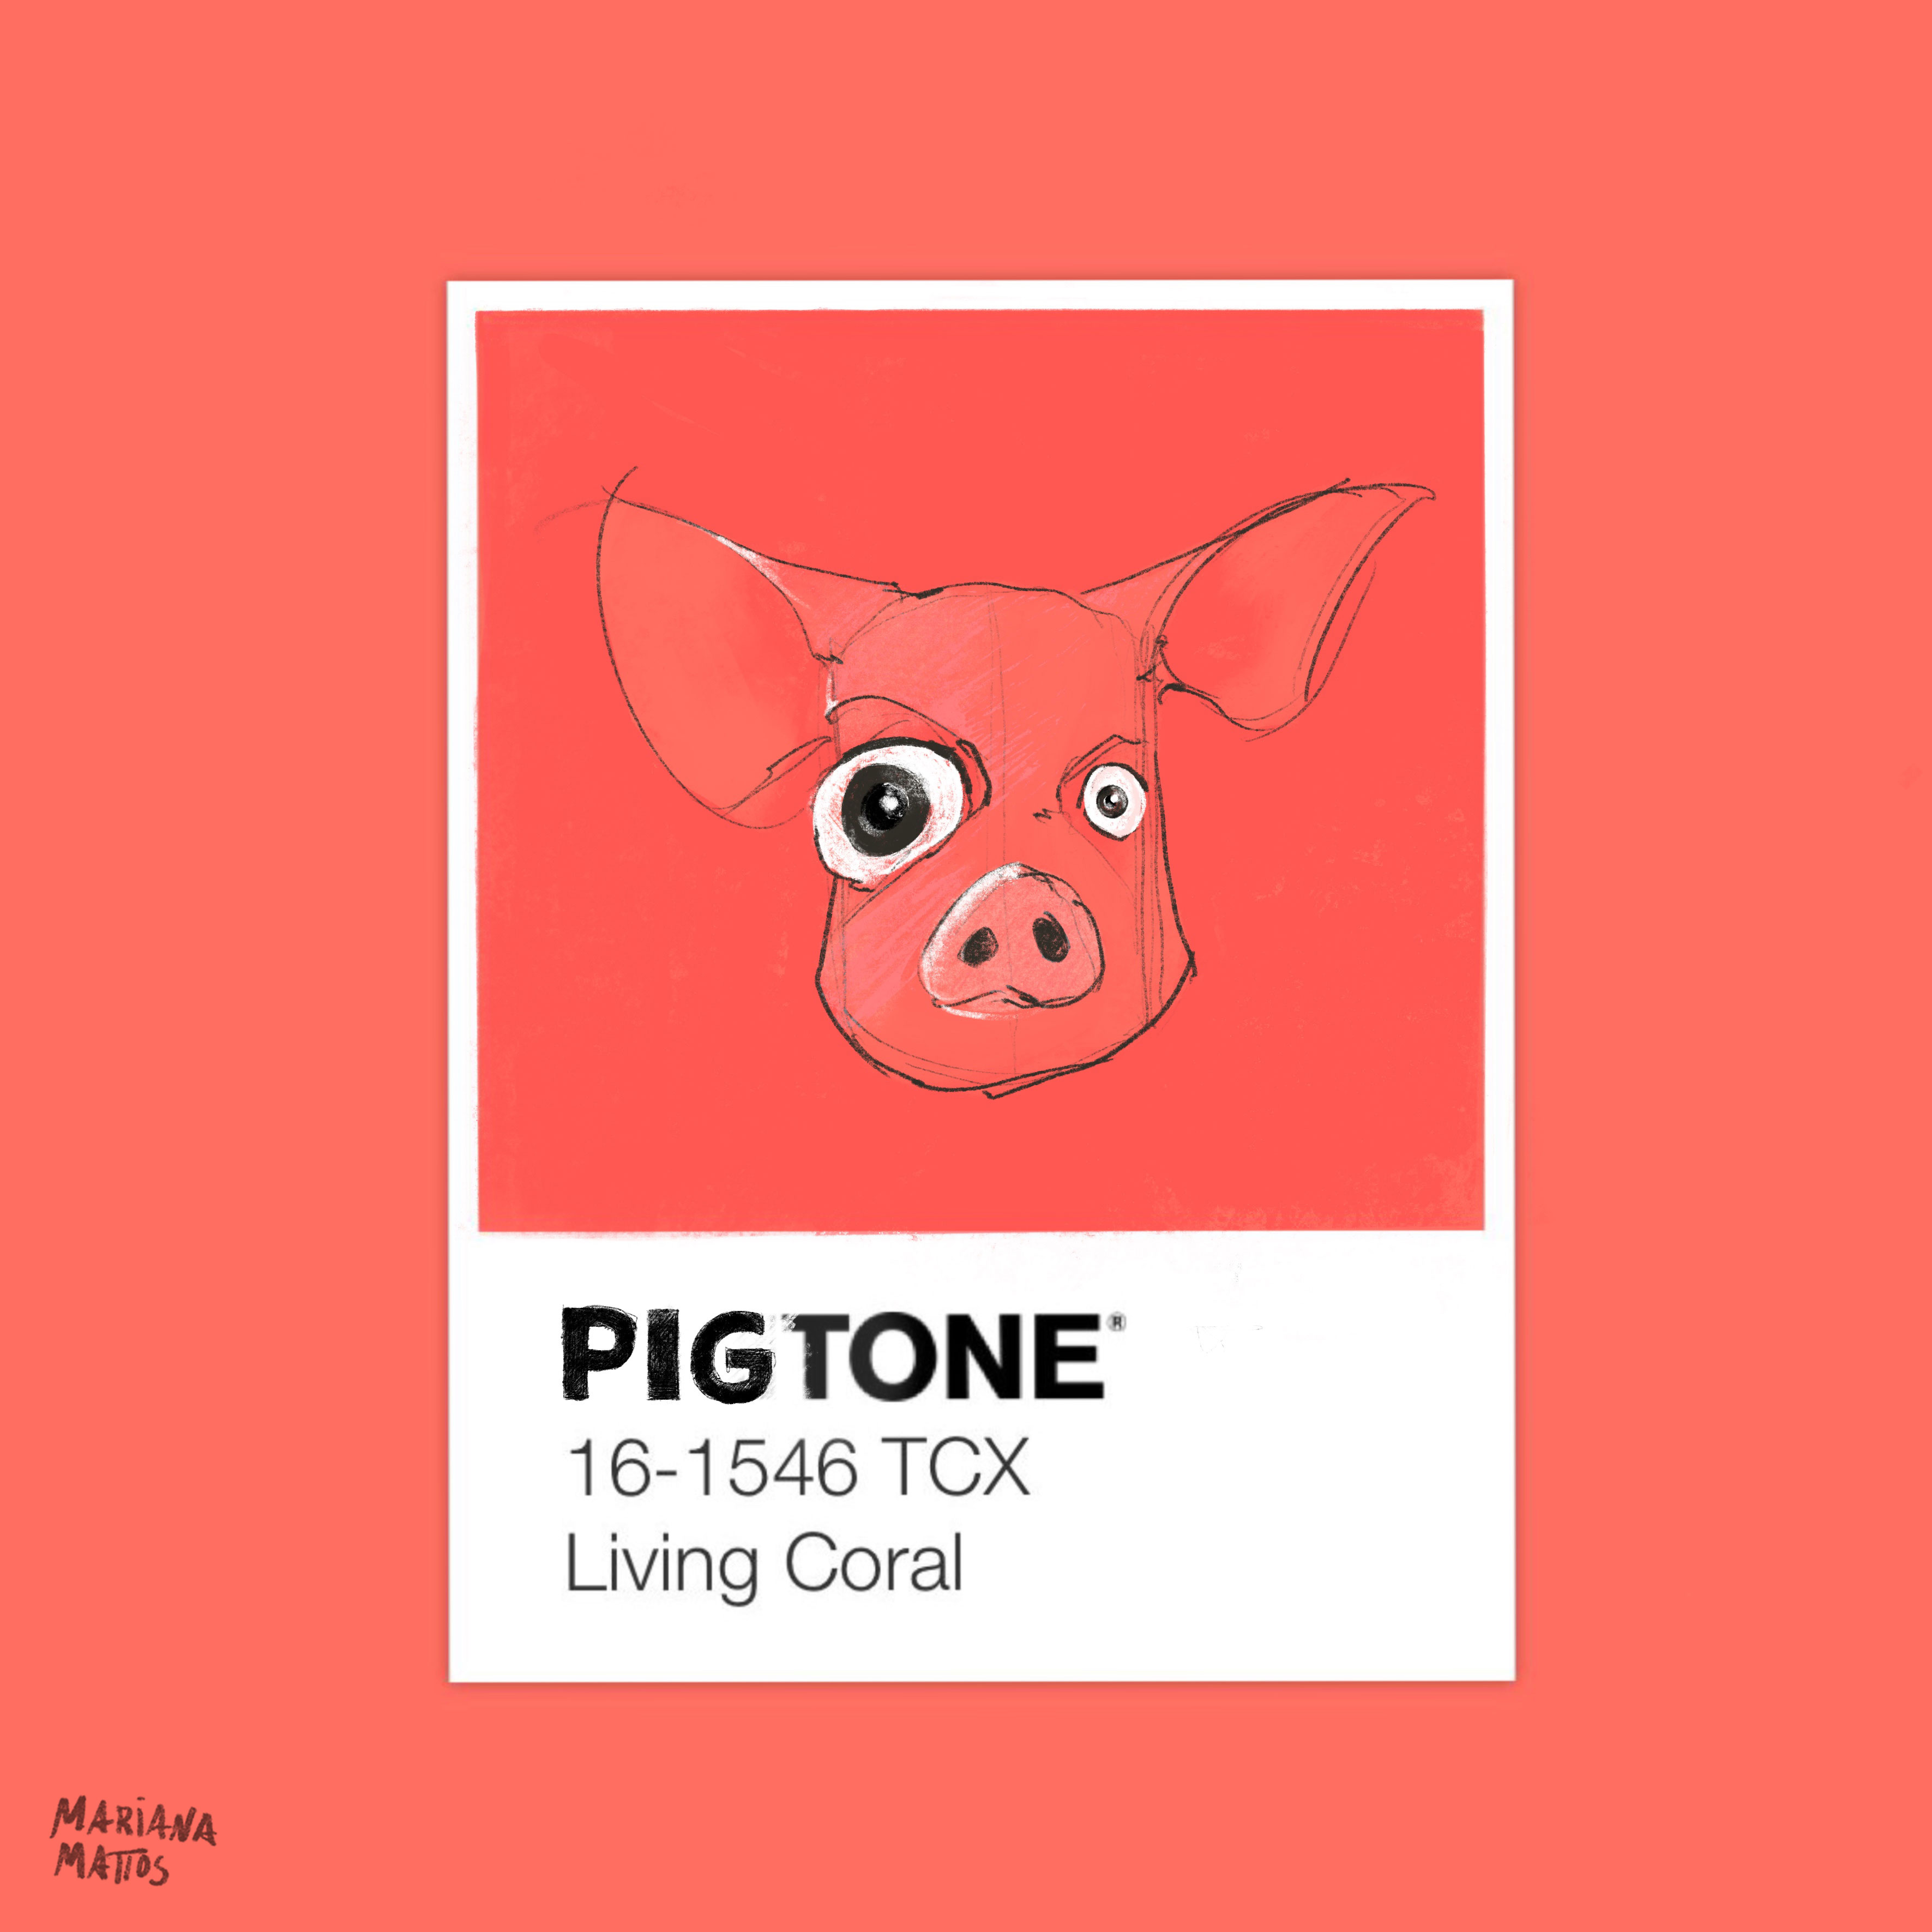 PigTone